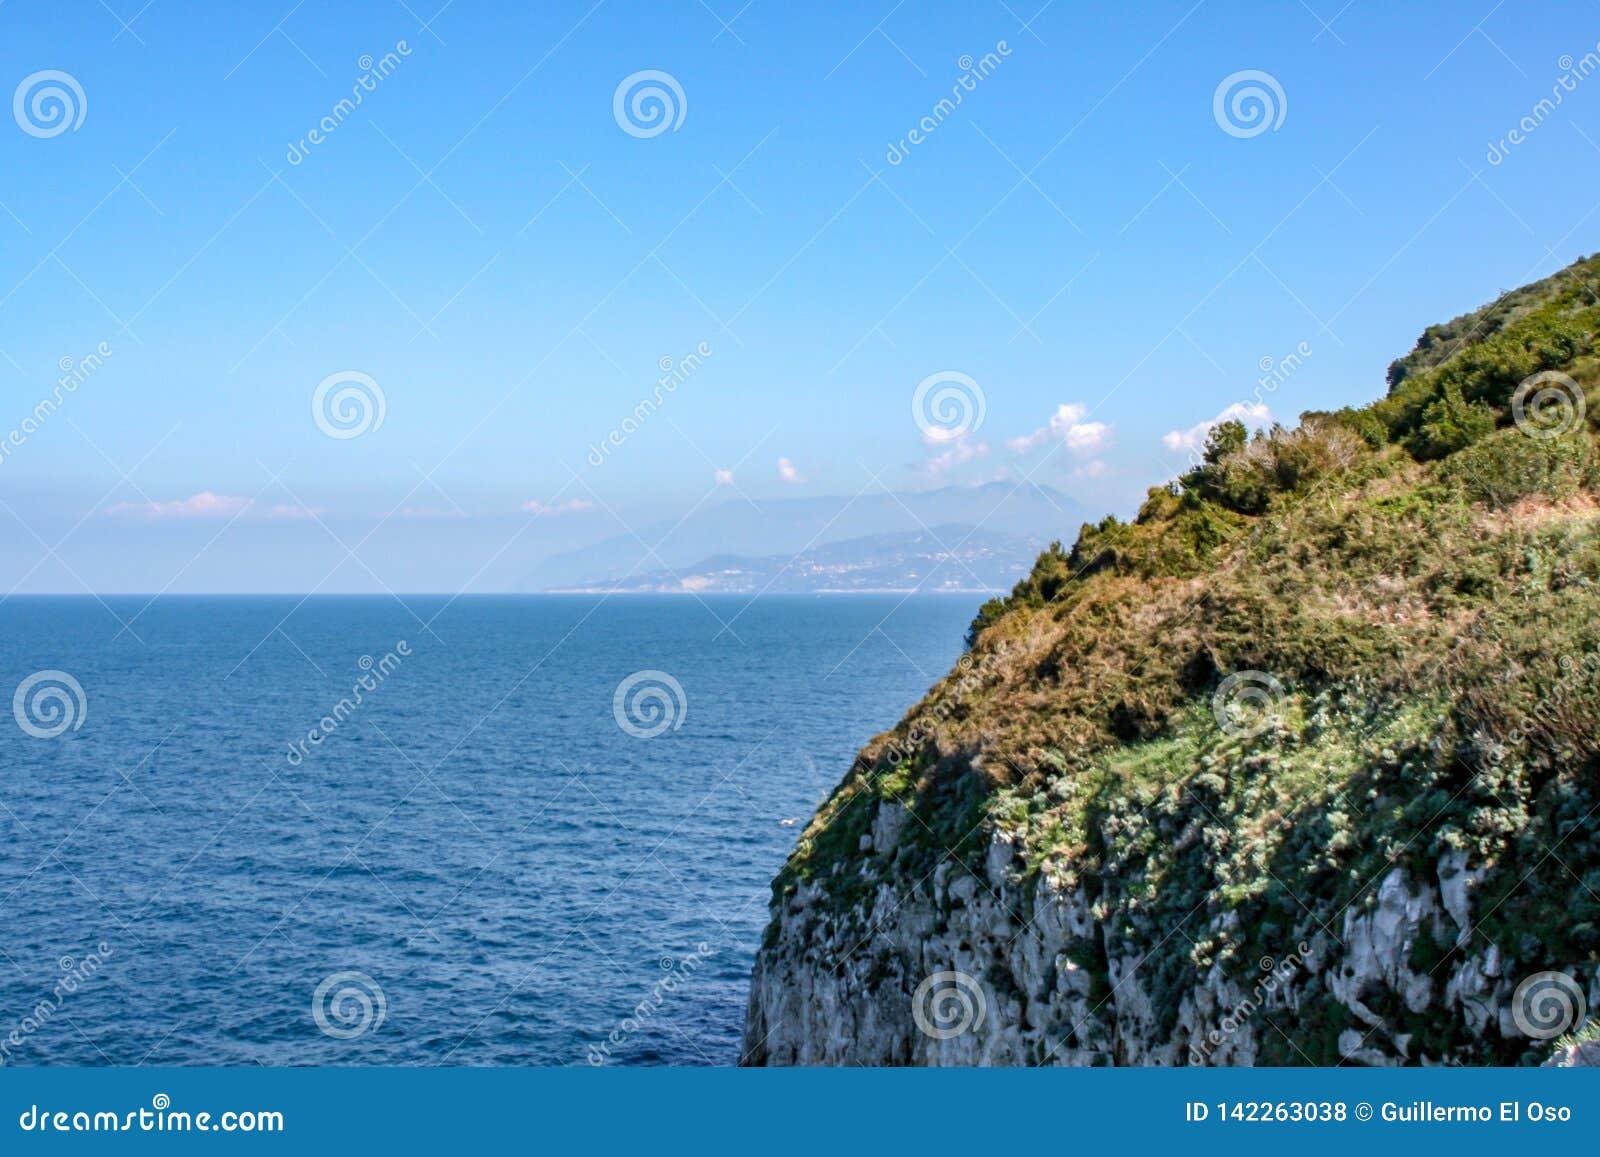 Far view over the sea of Capri